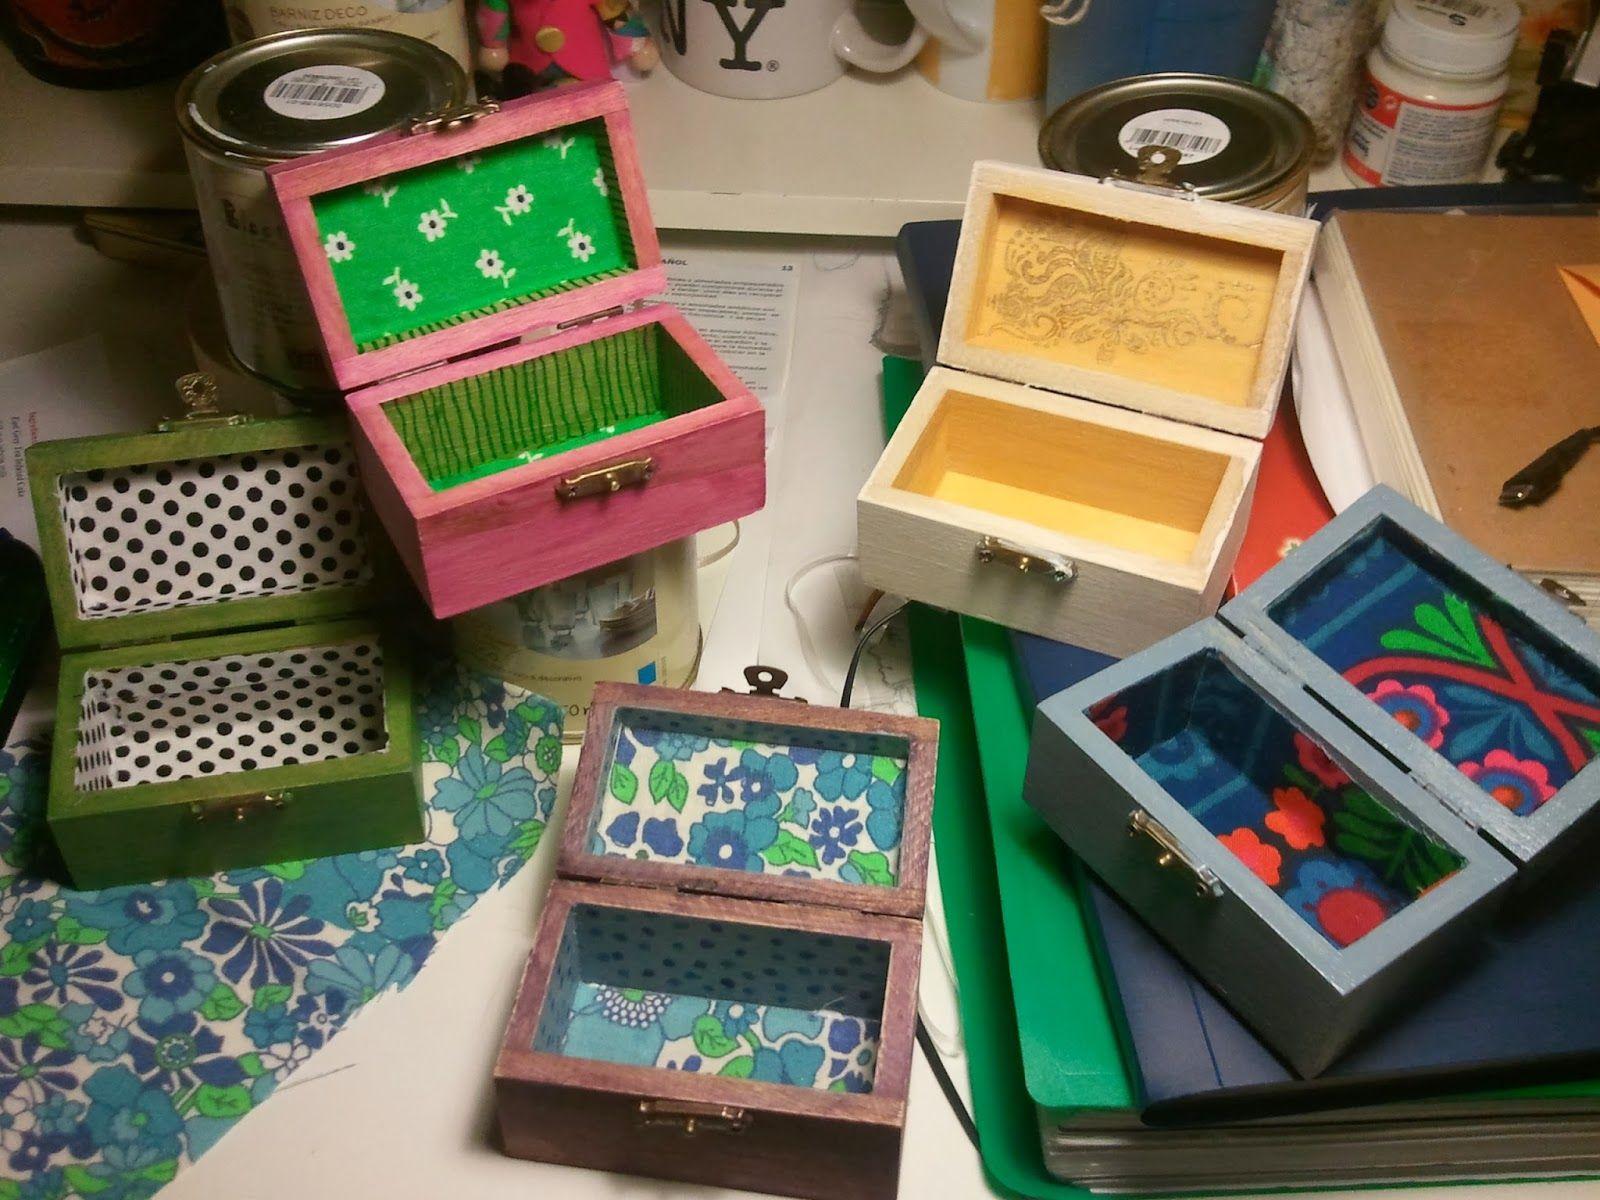 Pichi 39 s soup pintar cajas de madera ii peque os joyeros for Como pintar una caja de madera y decorarla